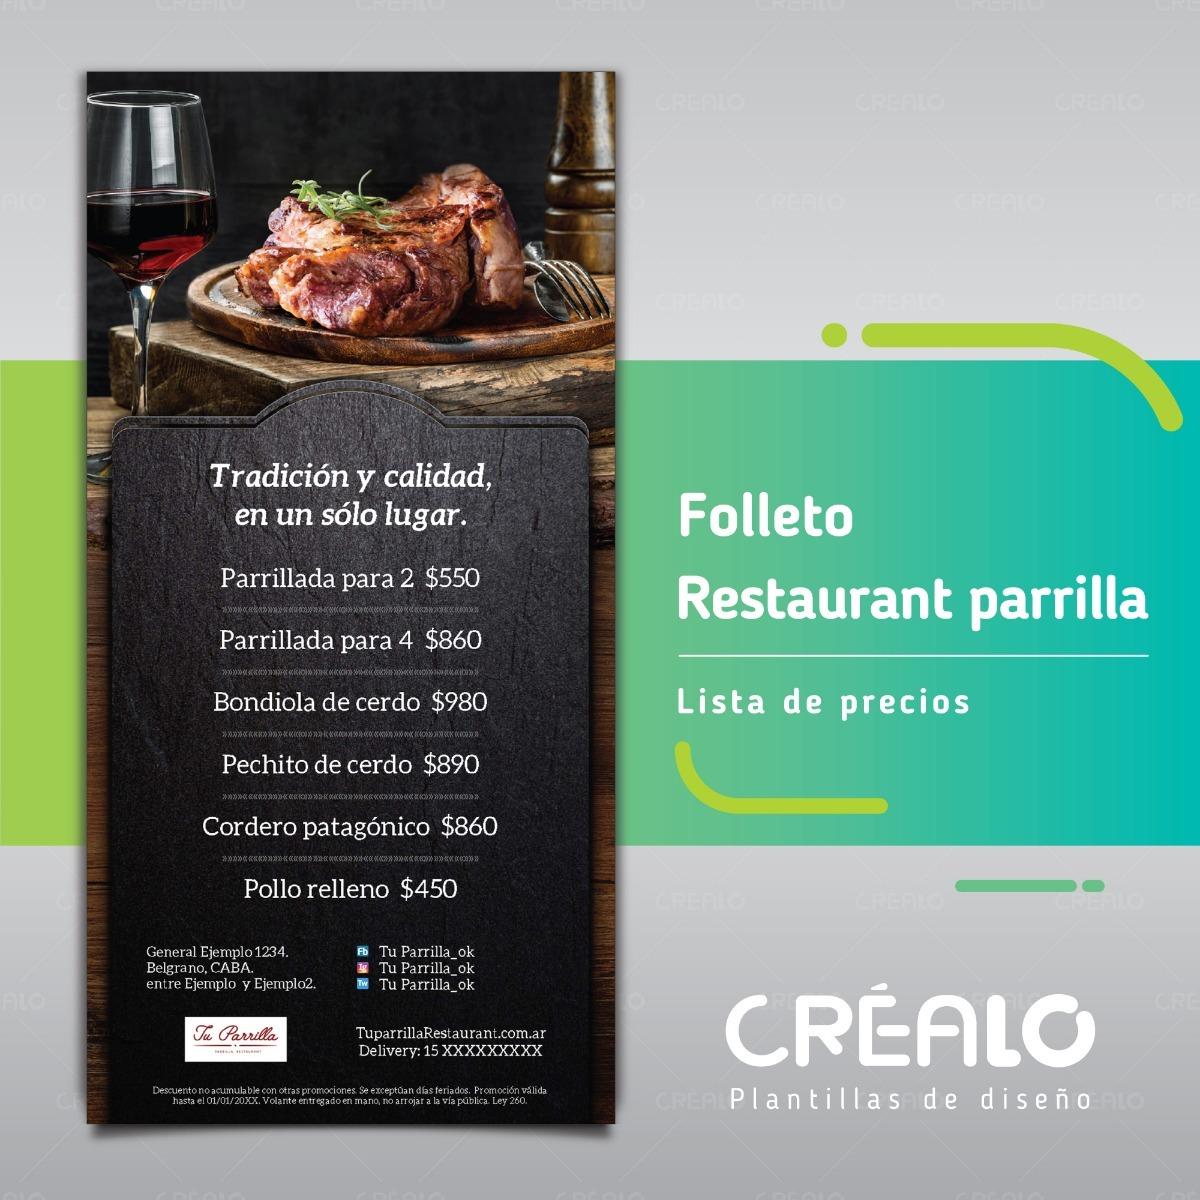 Folleto - Parrilla - Lista De Precios | Créalo Plantillas - $ 40.00 ...